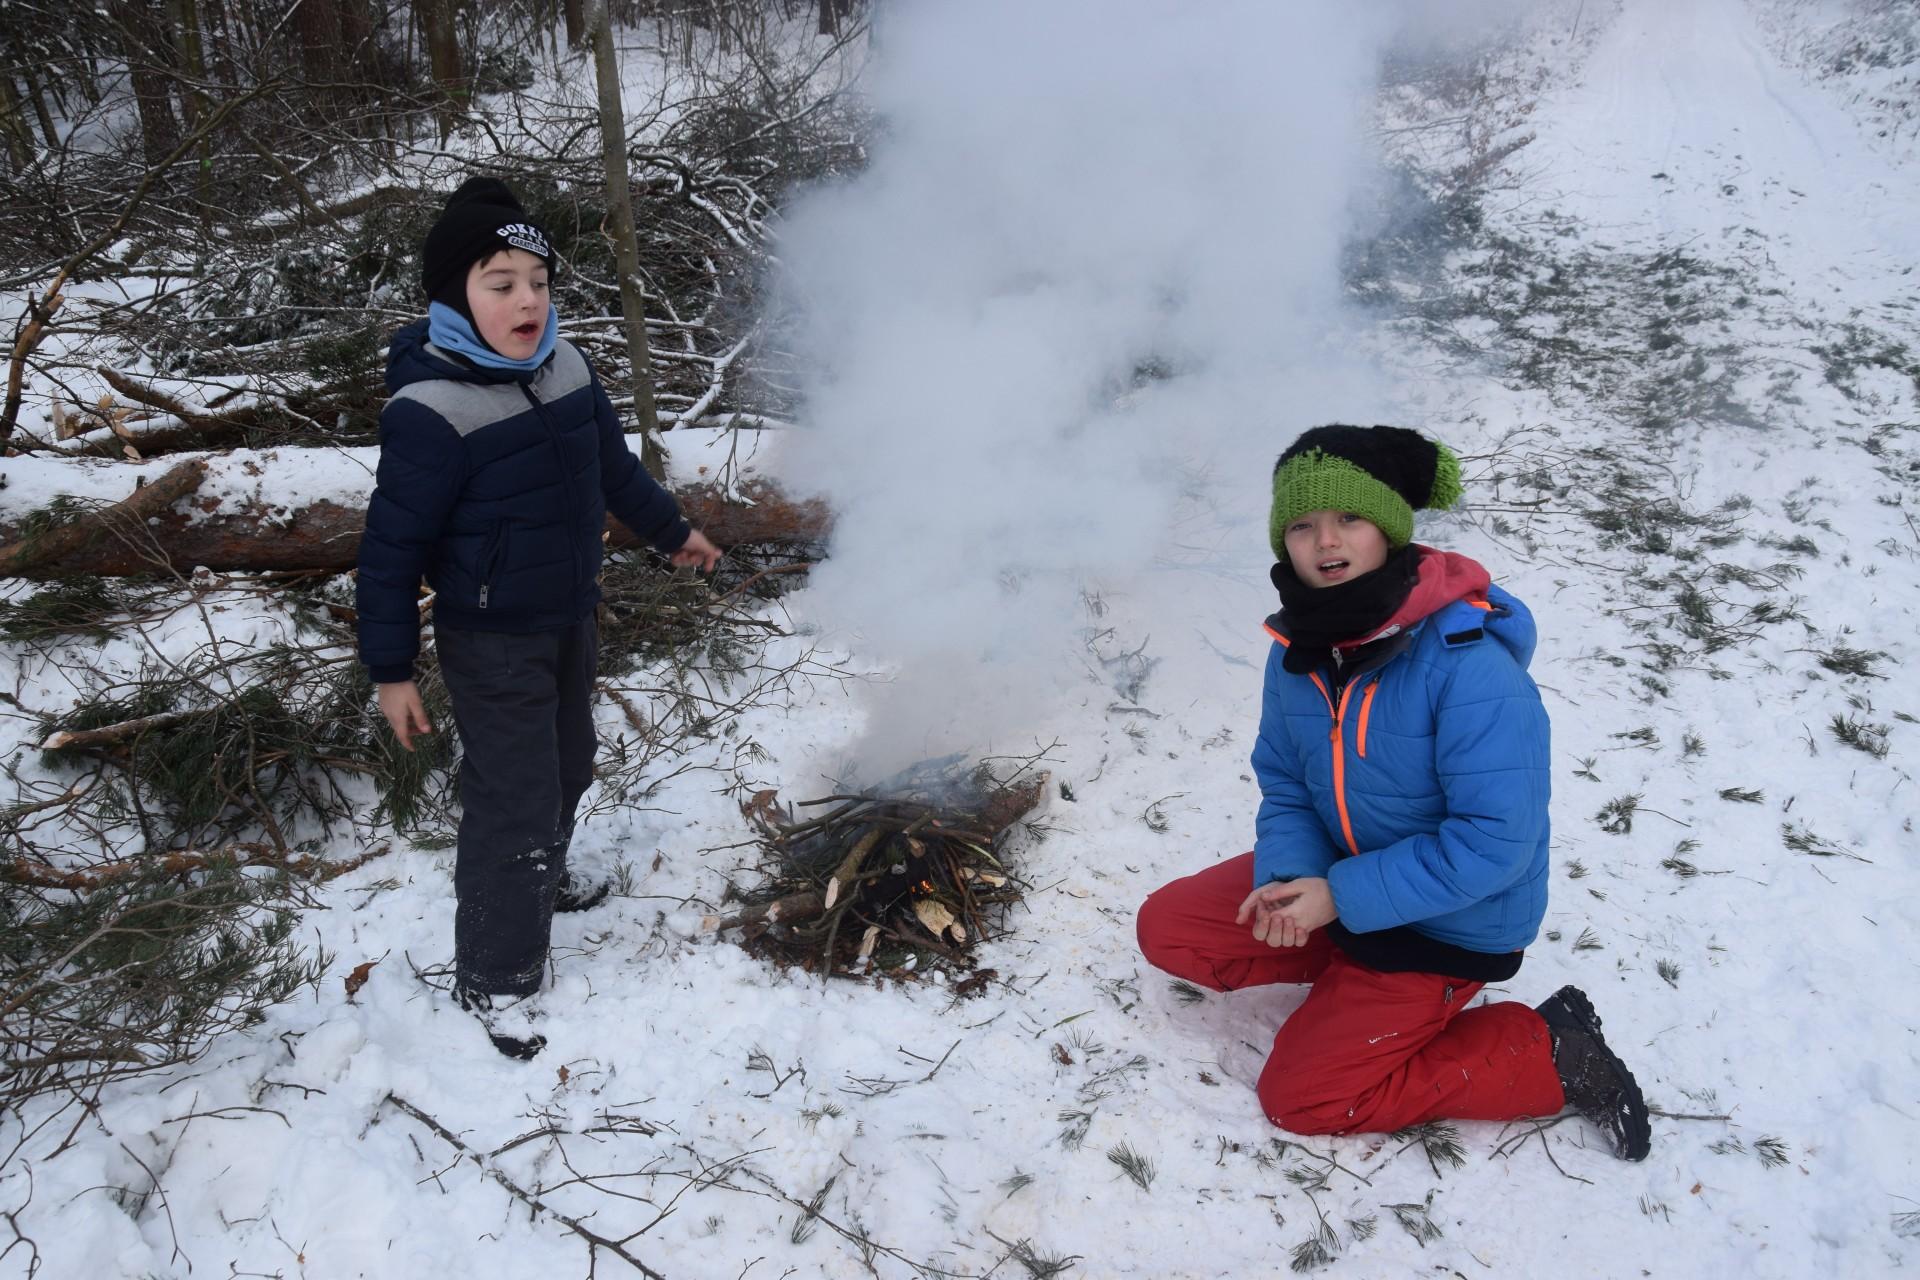 Gałązki mokre, więcej dymu niż ognia, czy uda się usmazyć kiełbaski? Fot. Tomasz Słomczyński/Magazyn Kaszuby